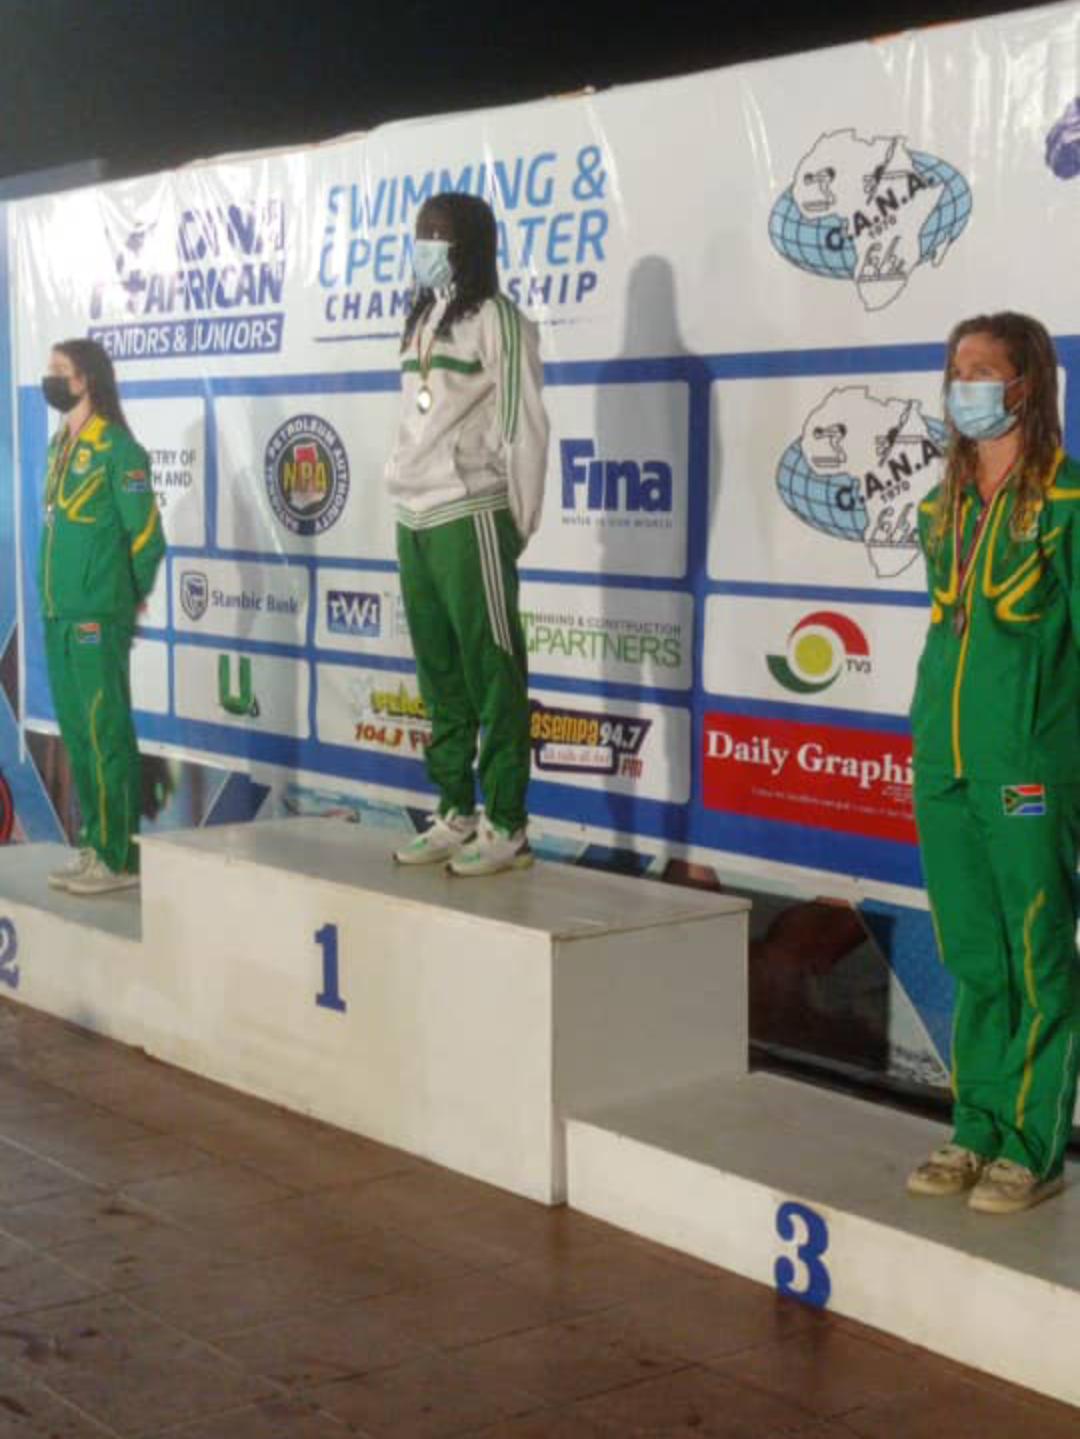 Championnats d'Afrique de Natation (Accra) : Oumy Diop reine du 100m papillon !